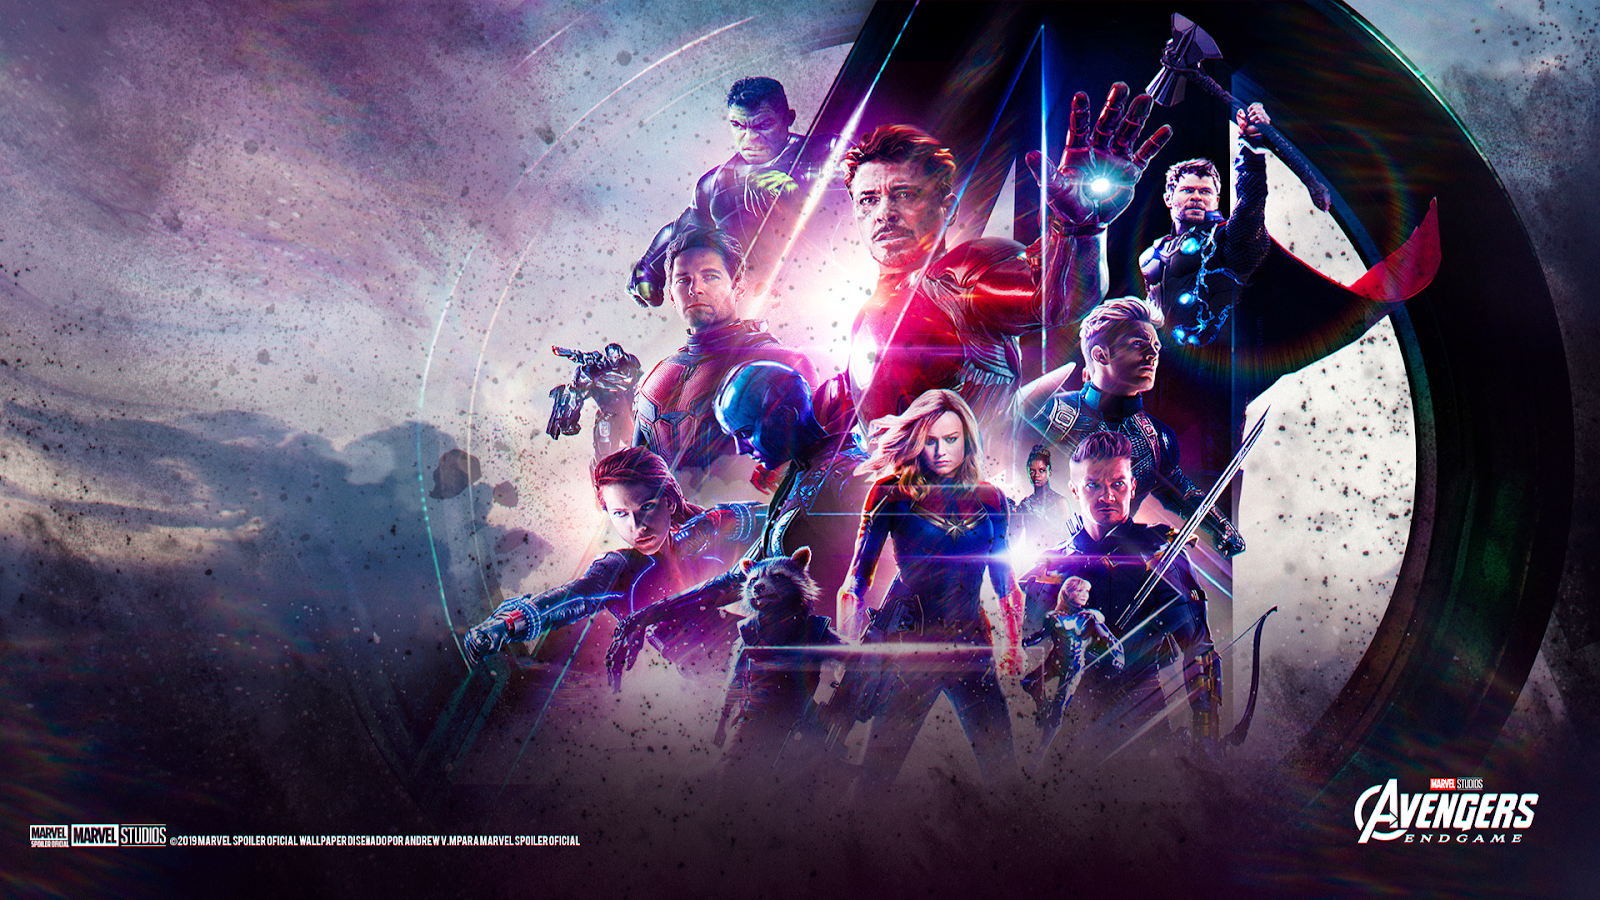 Avengers Endgame Wallpaper Posted By John Mercado